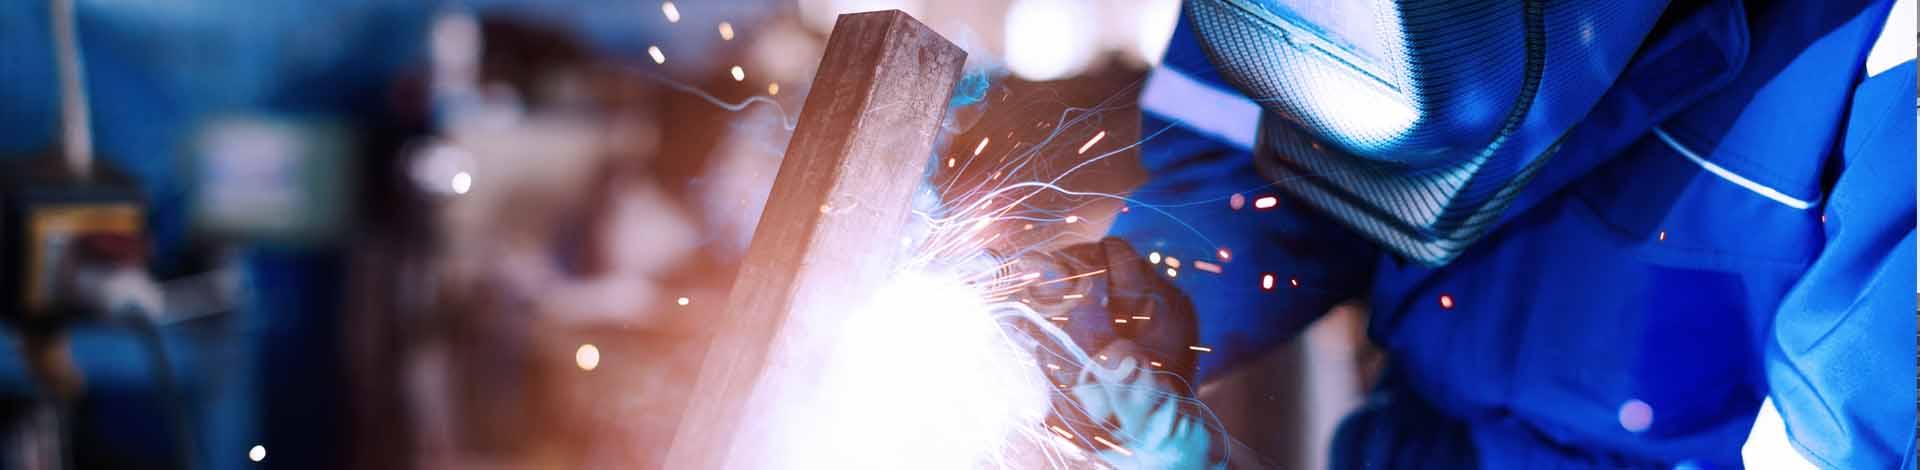 SÜLZLE Stahlpartner: Stahlhandel, Stahlbau, Anarbeitung, Streckengeschäft und mehr